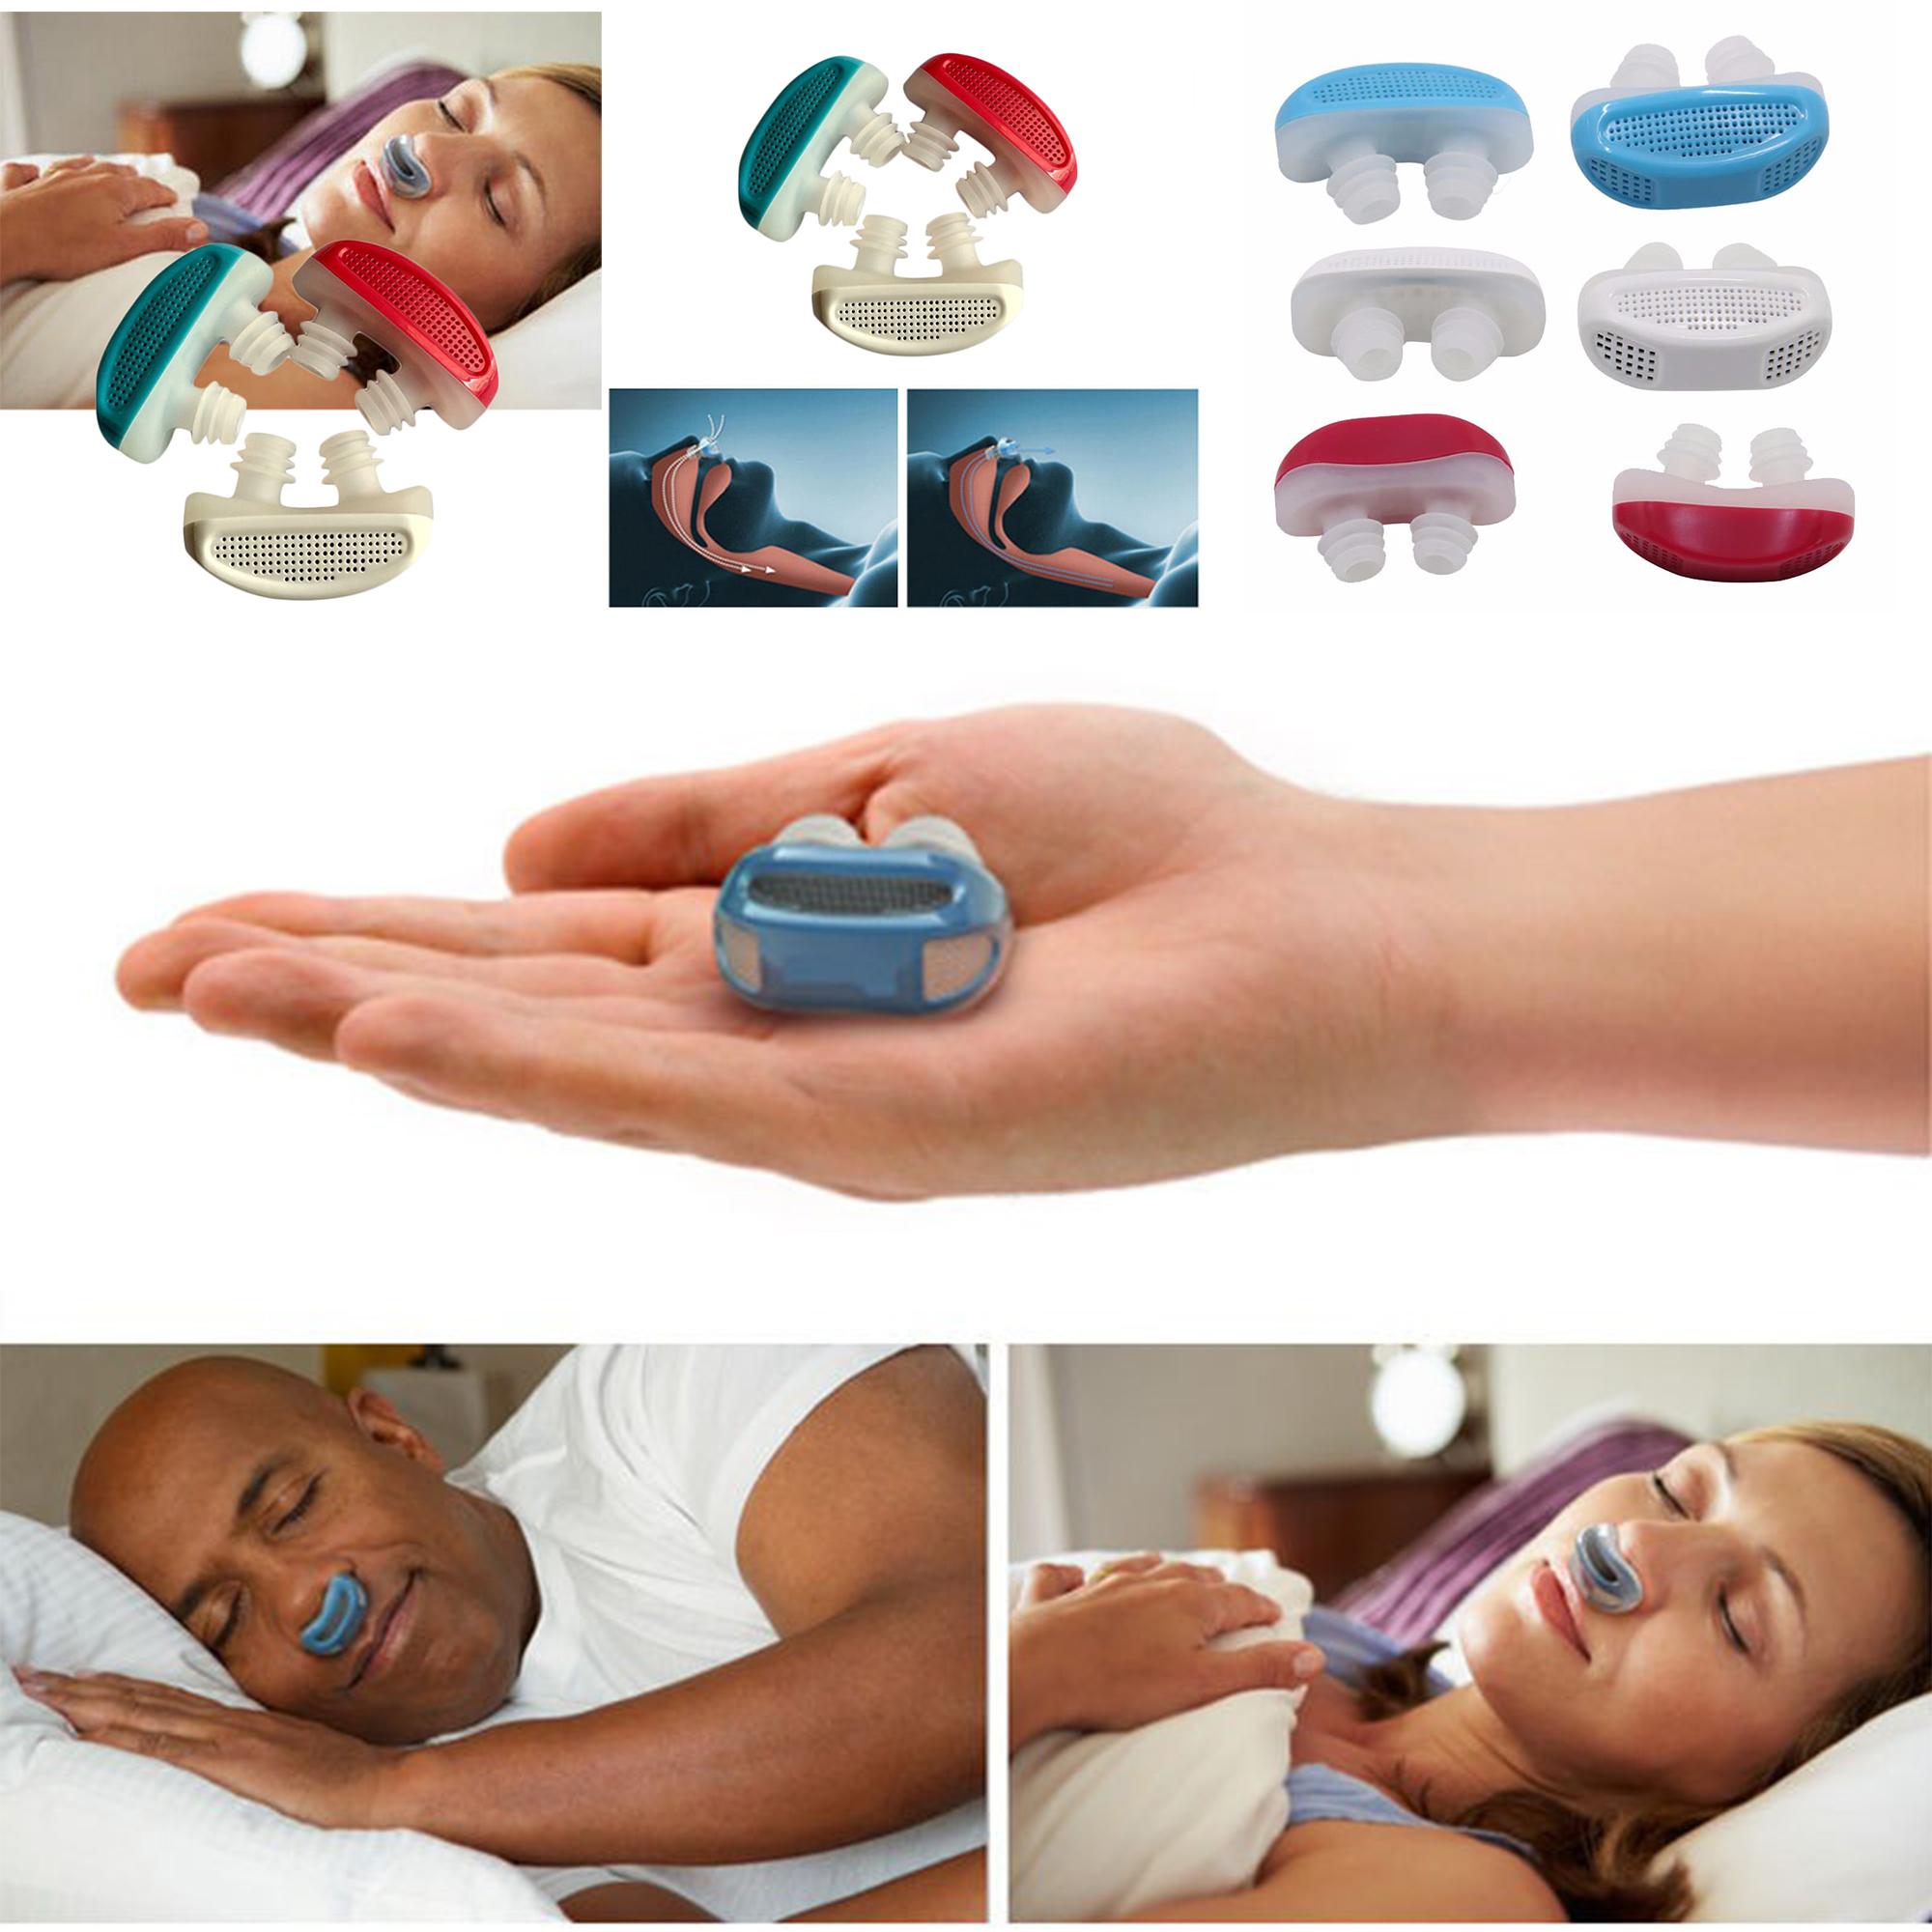 อุปกรณ์ป้องกันการนอนกรน